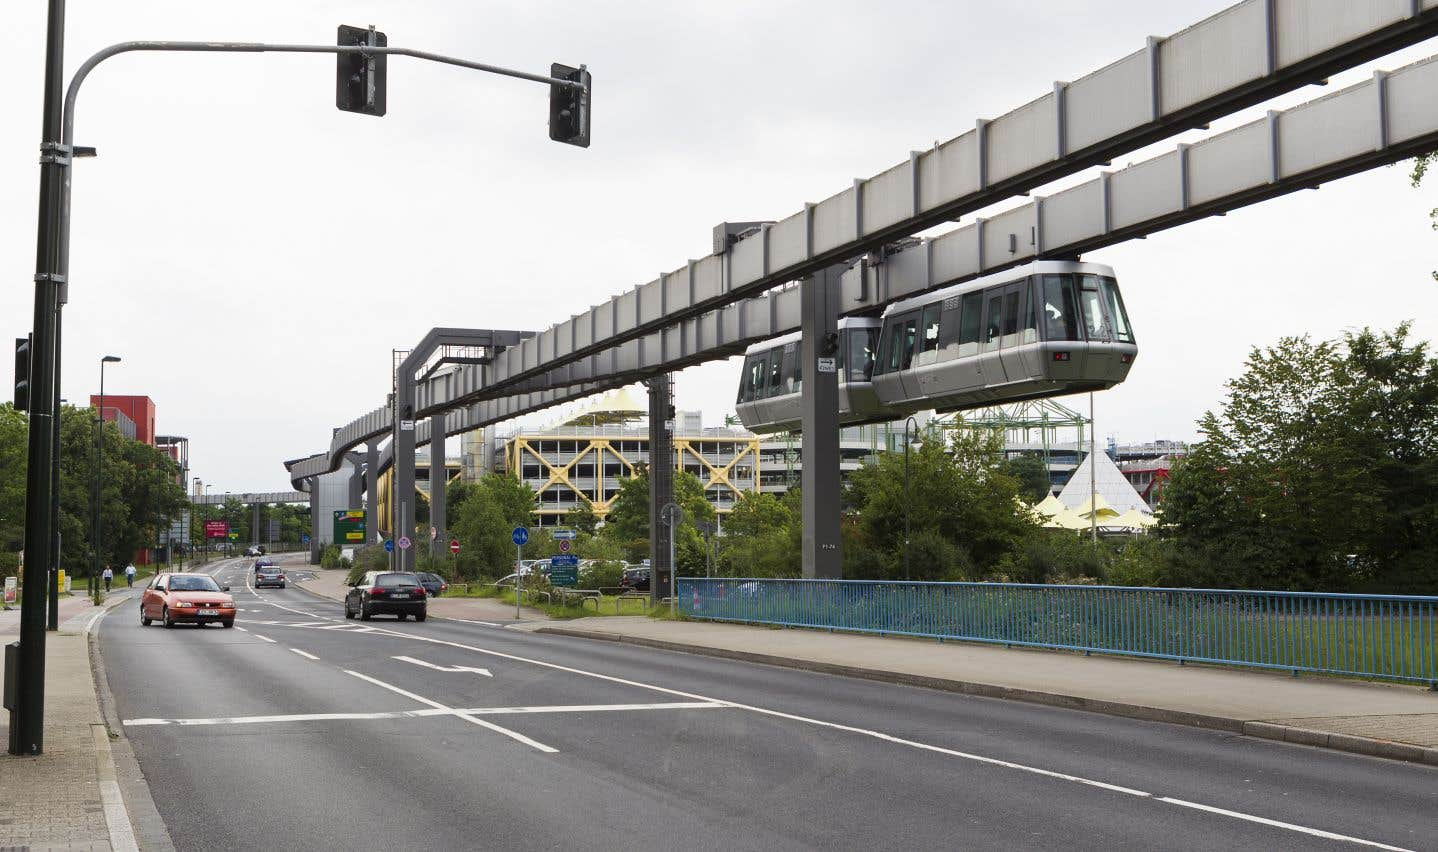 Le pari trop audacieux d'un monorail entre Montréal et Québec?